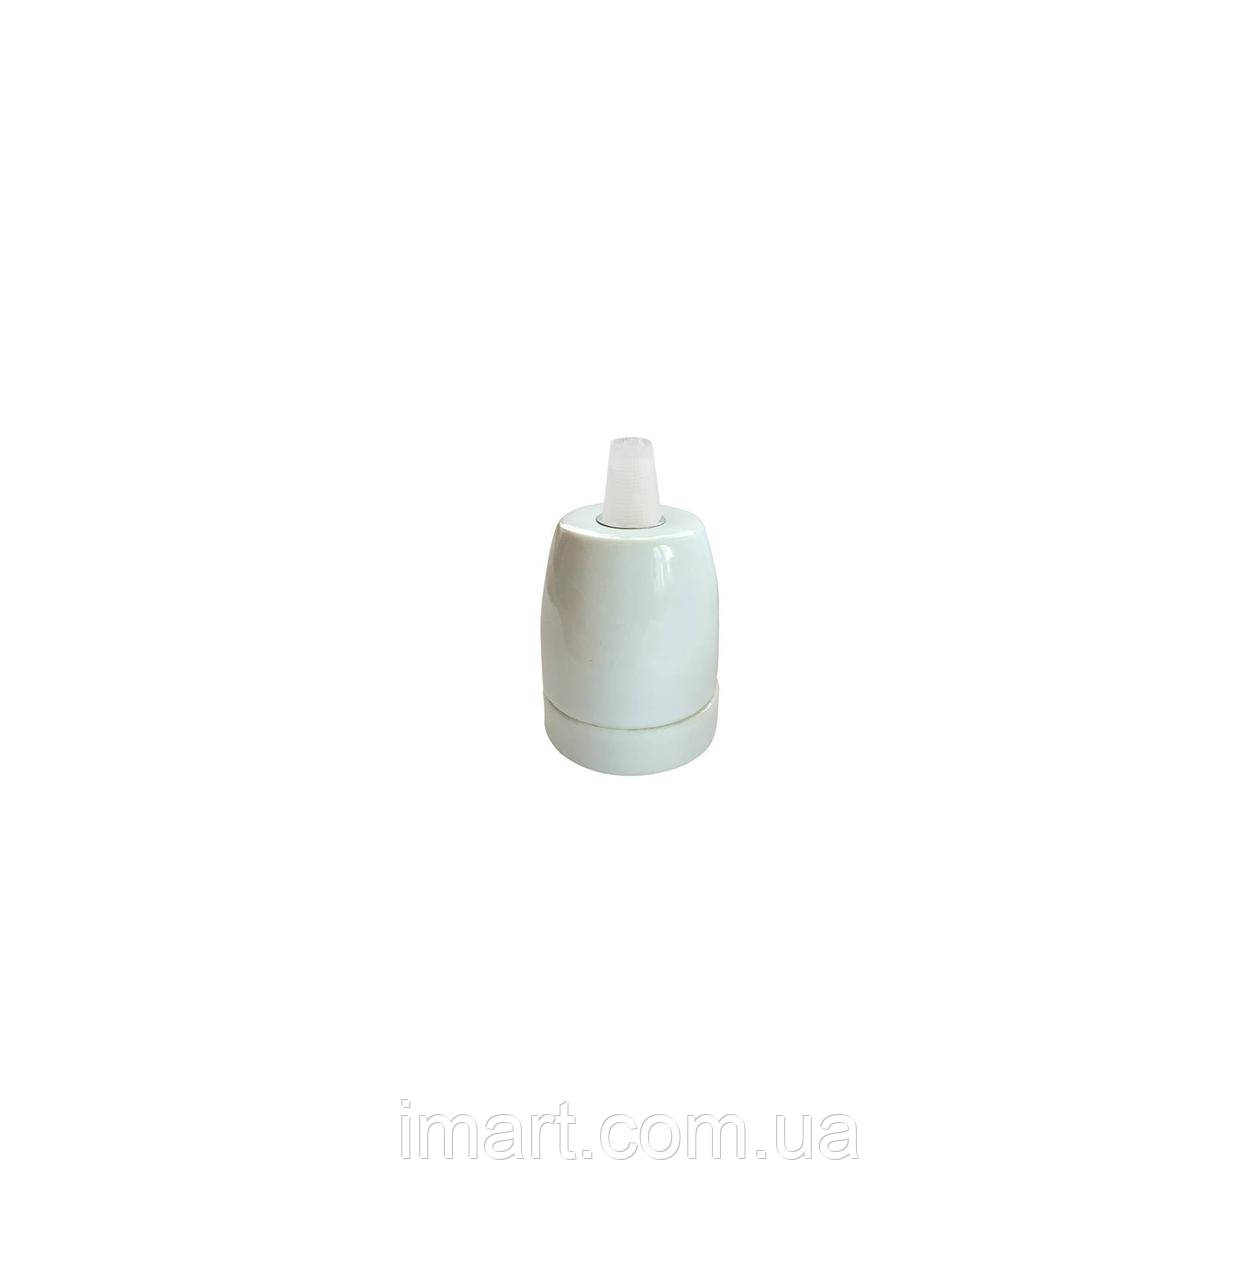 Skarlat KF-075-1  E27